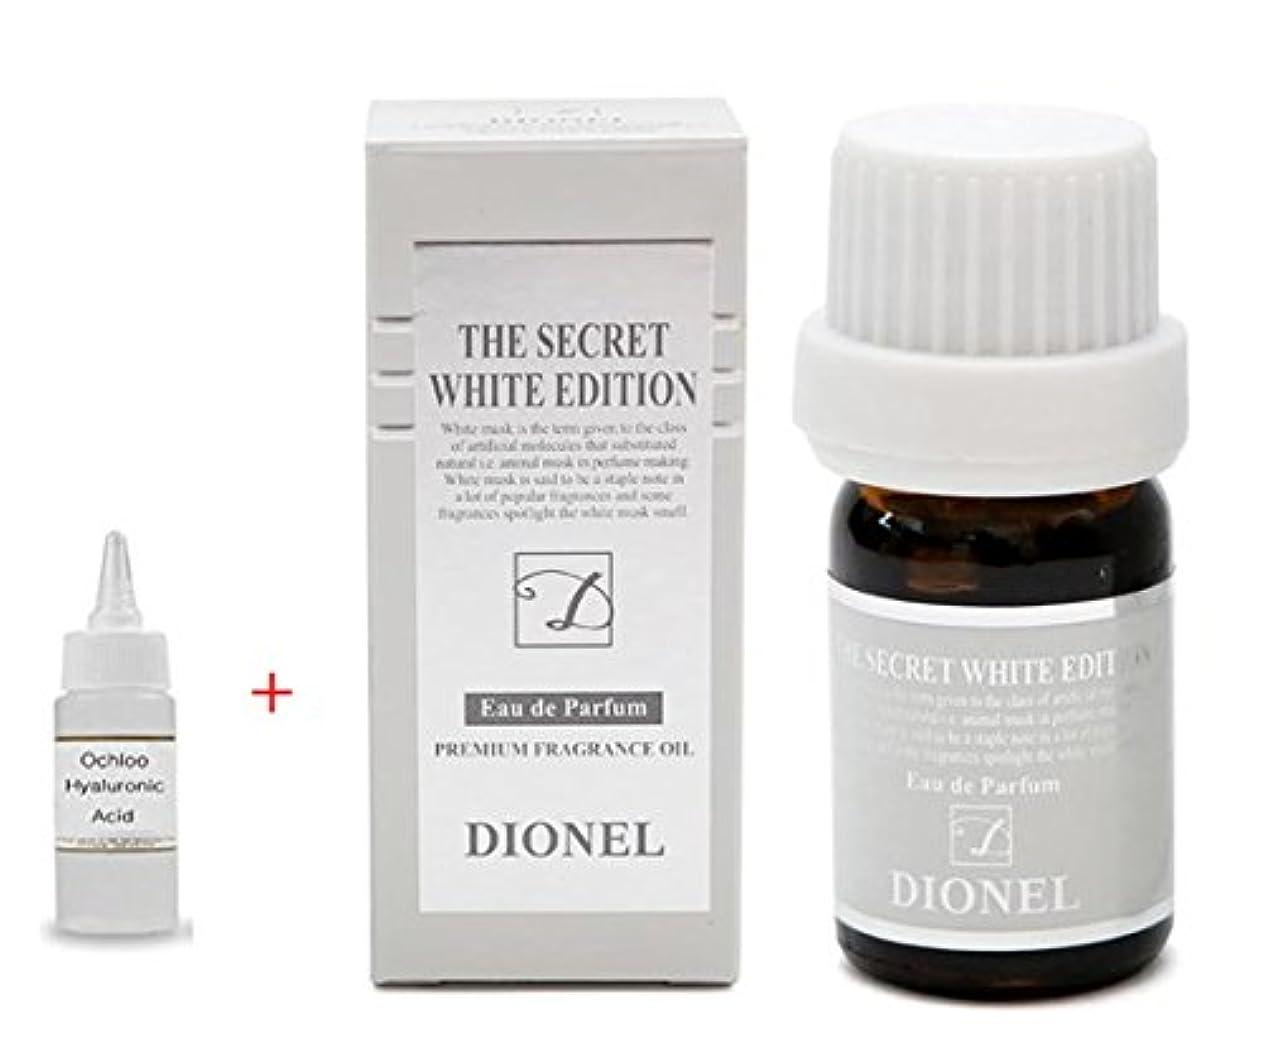 受け入れテラス違う[Dionel] 香水のような女性清潔剤、プレミアムアロマエッセンス Love Secret White Edition Dionel 5ml. ラブブラックエディション、一滴の奇跡. Made in Korea + +...